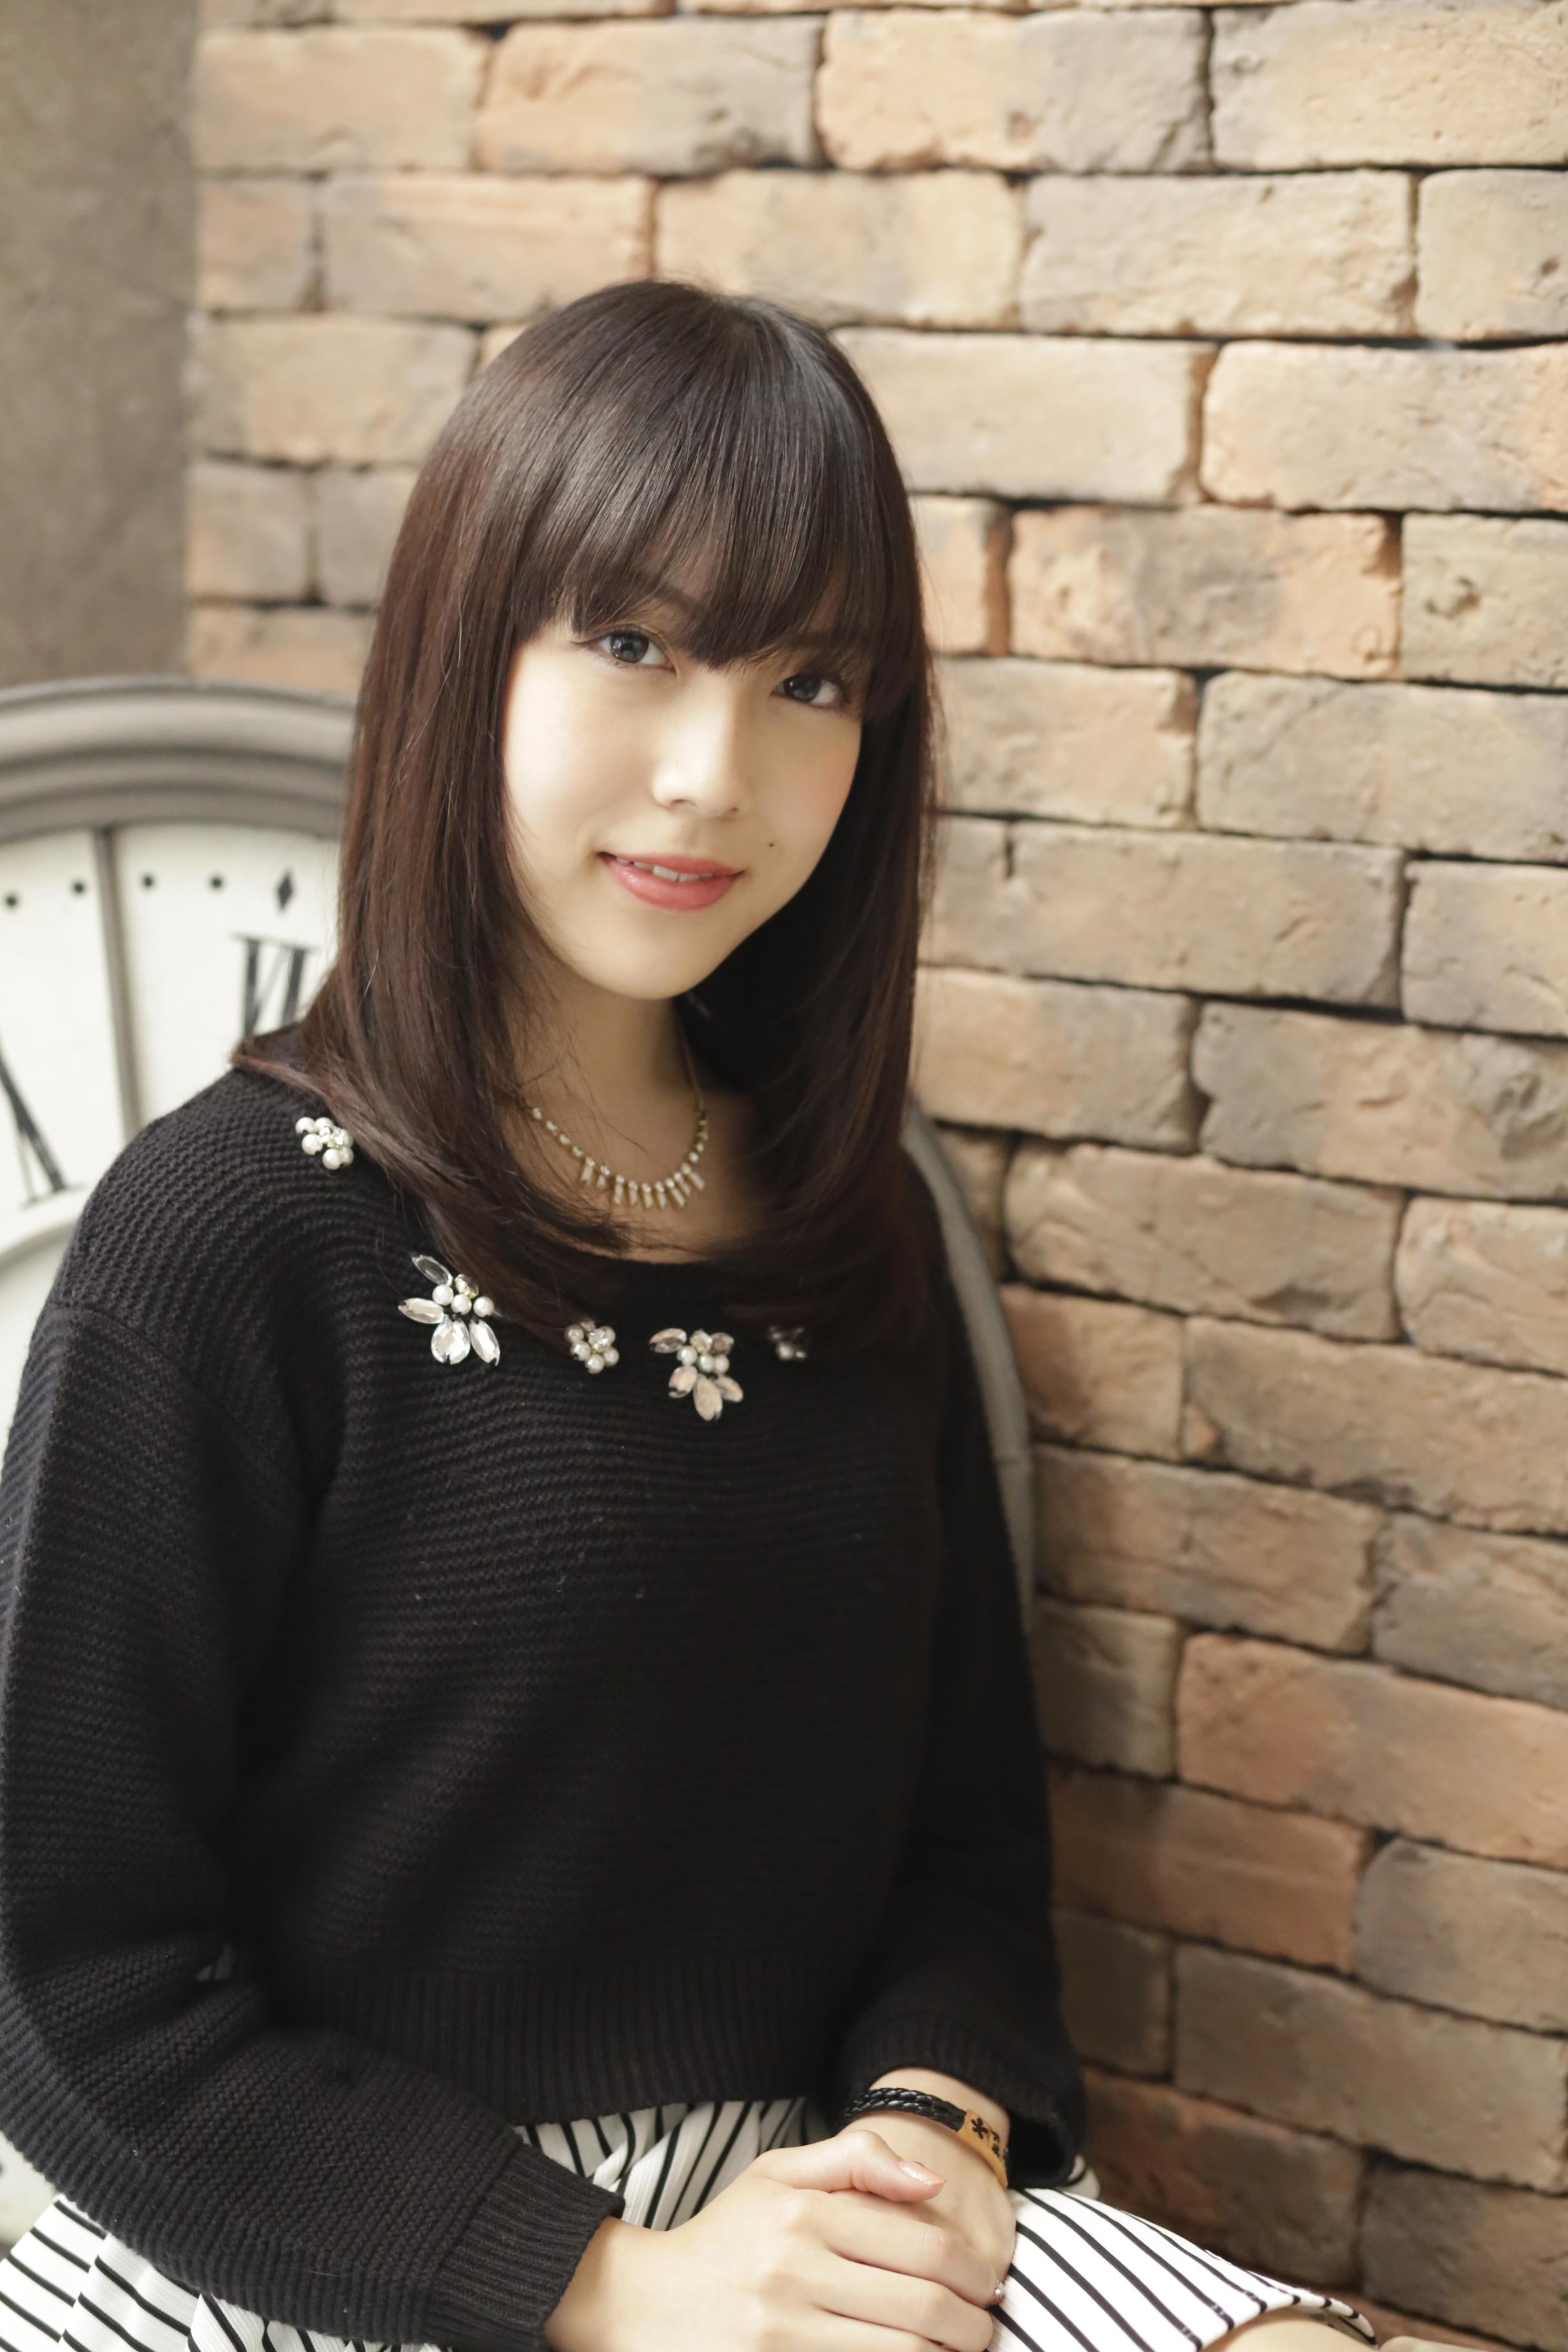 http://www.savian.jp/asset/_MG_3837.JPG